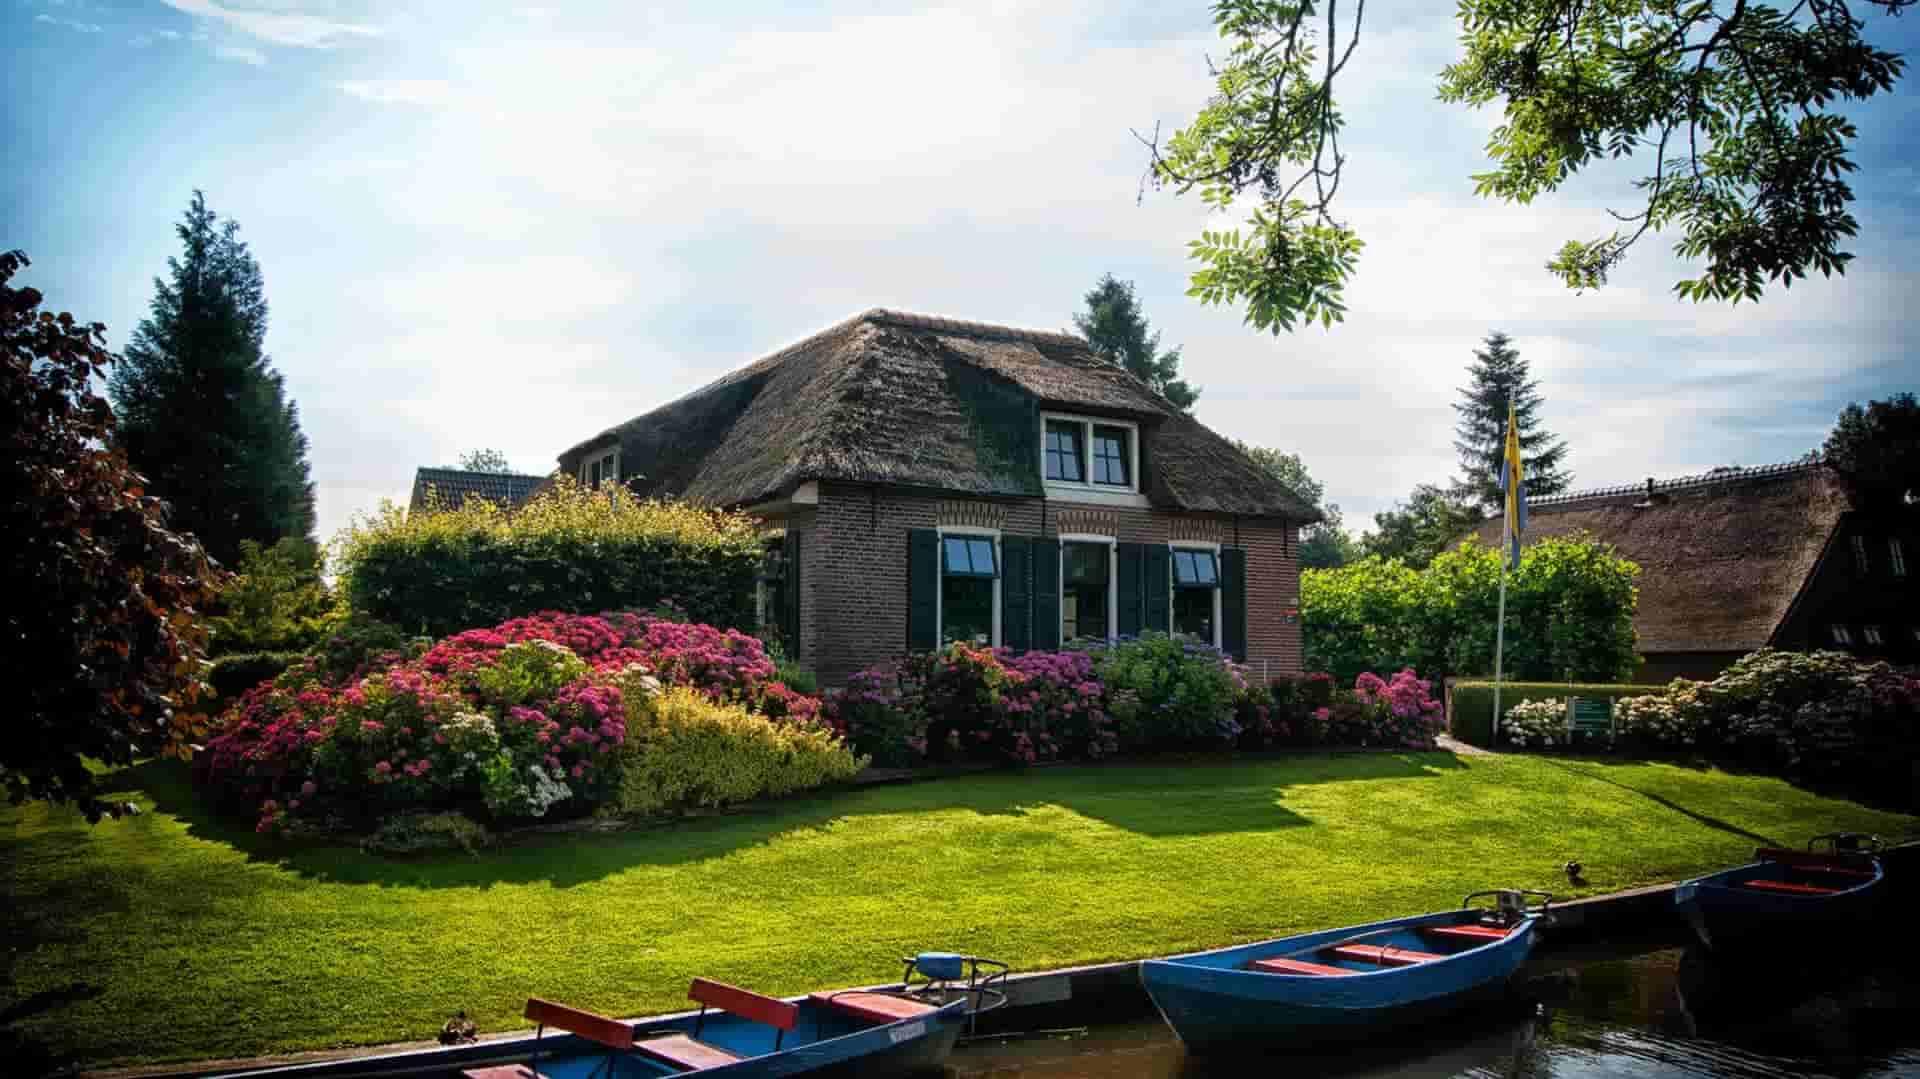 خانه دوست داشتنی در طبیعت